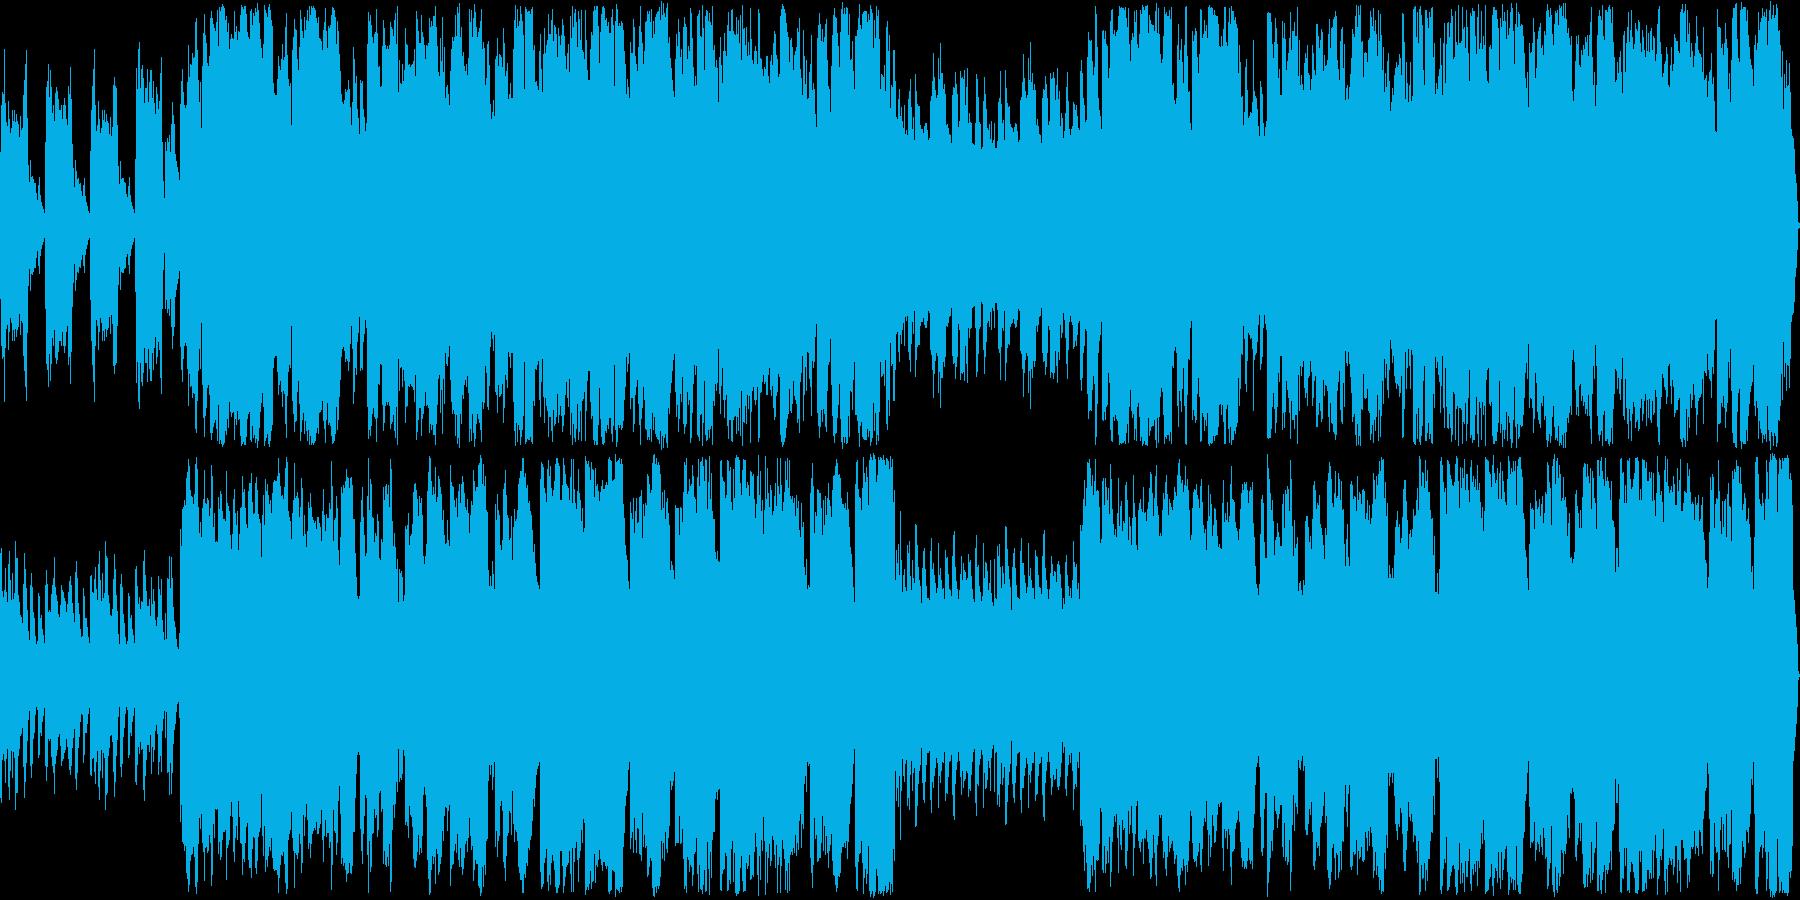 しっとりと可愛らしいワルツの再生済みの波形